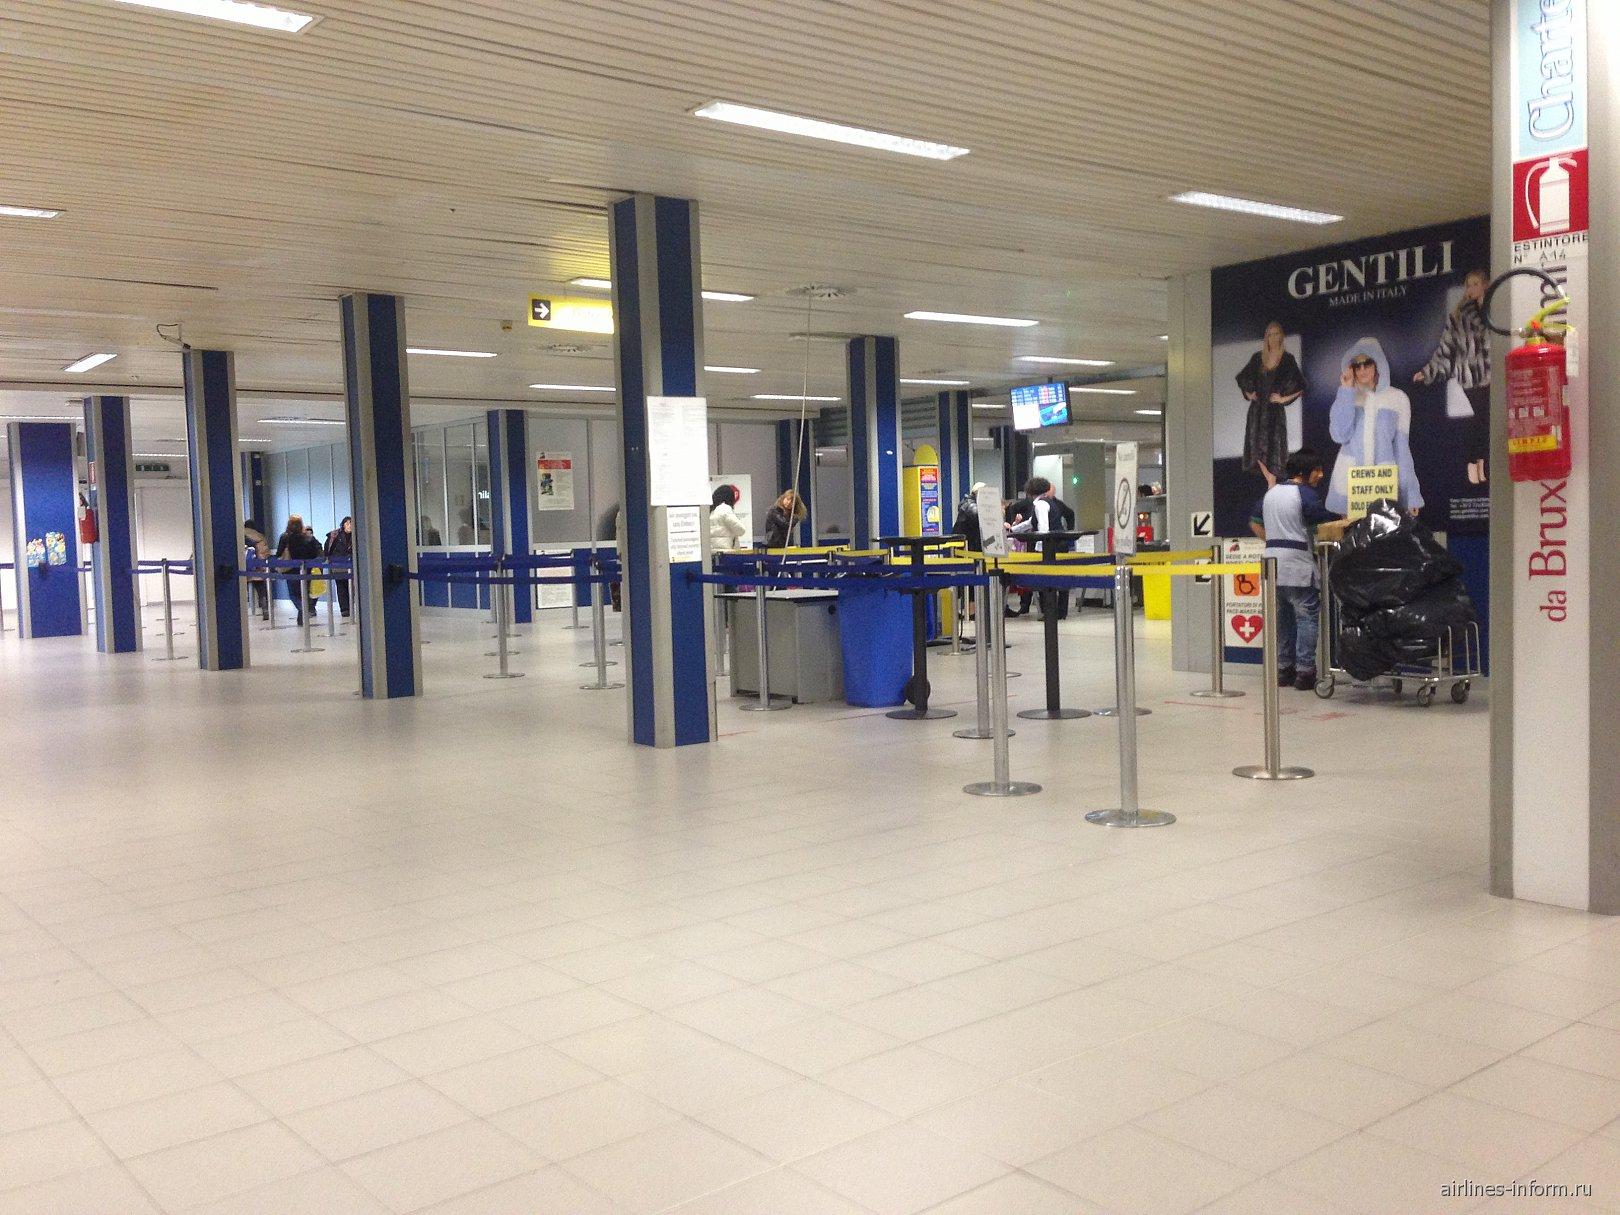 Зал вылета в аэропорту Римини